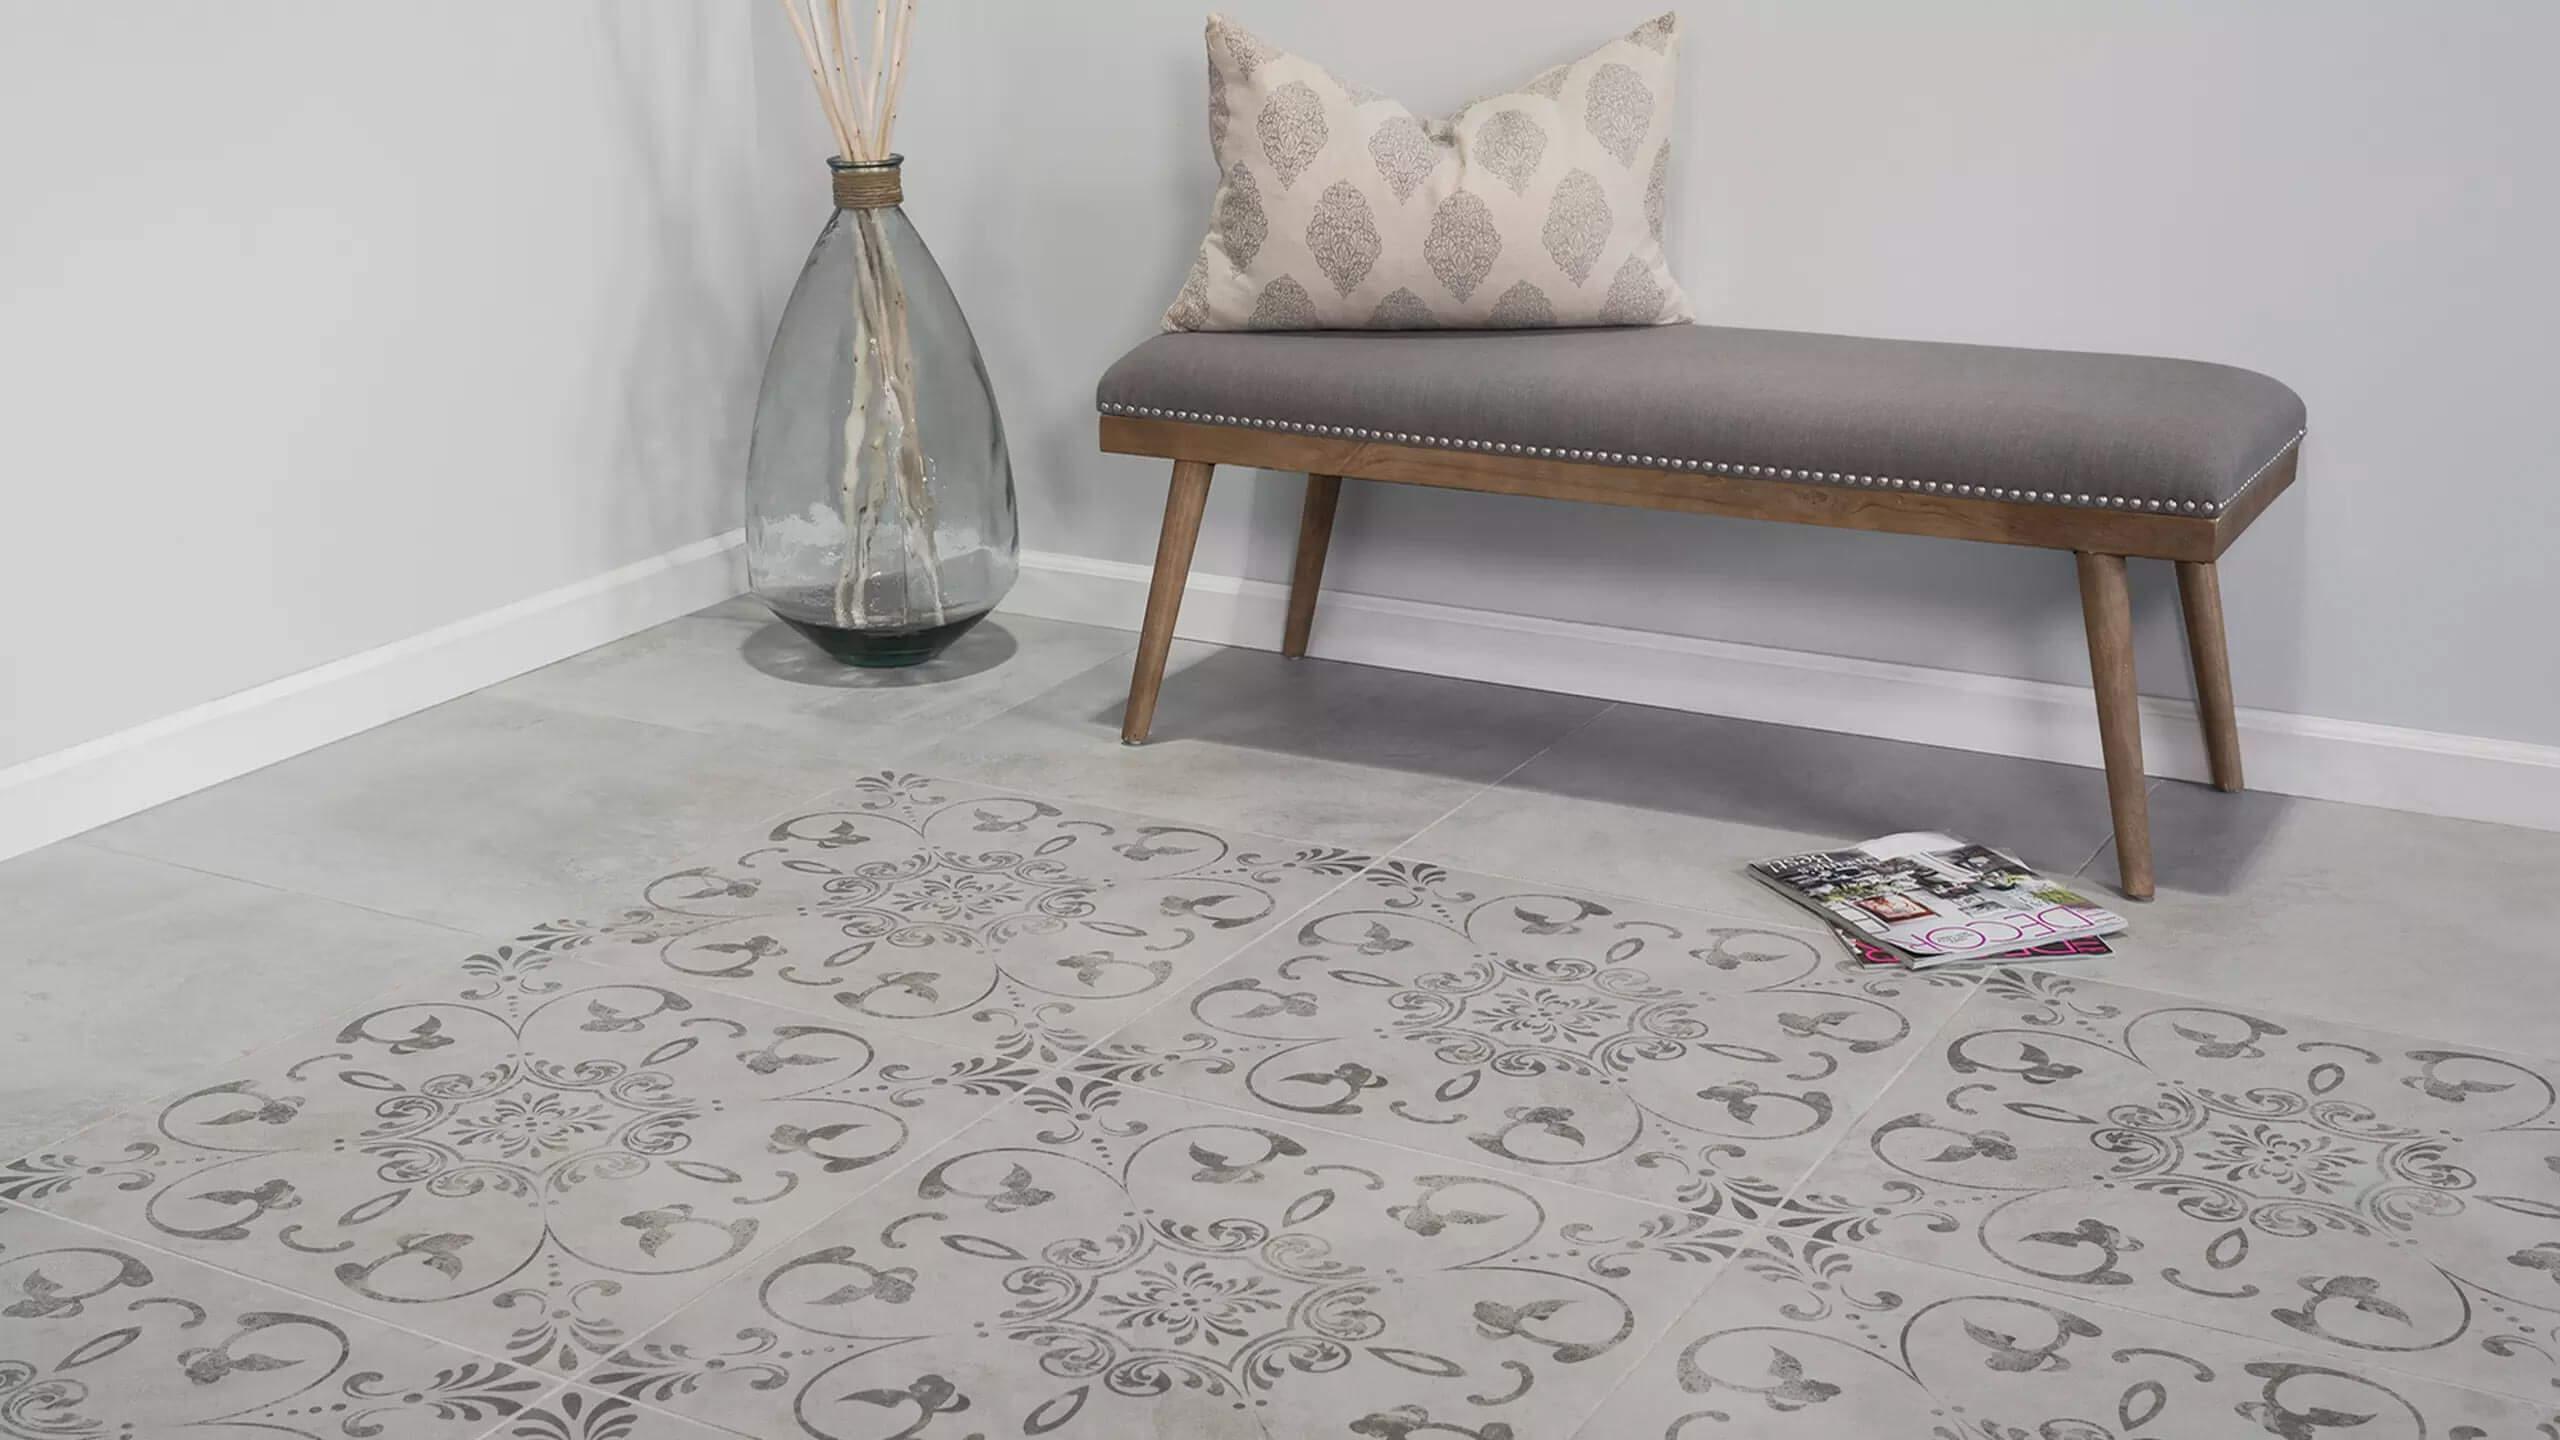 Tampa Floor Tiles - Cement Flooring